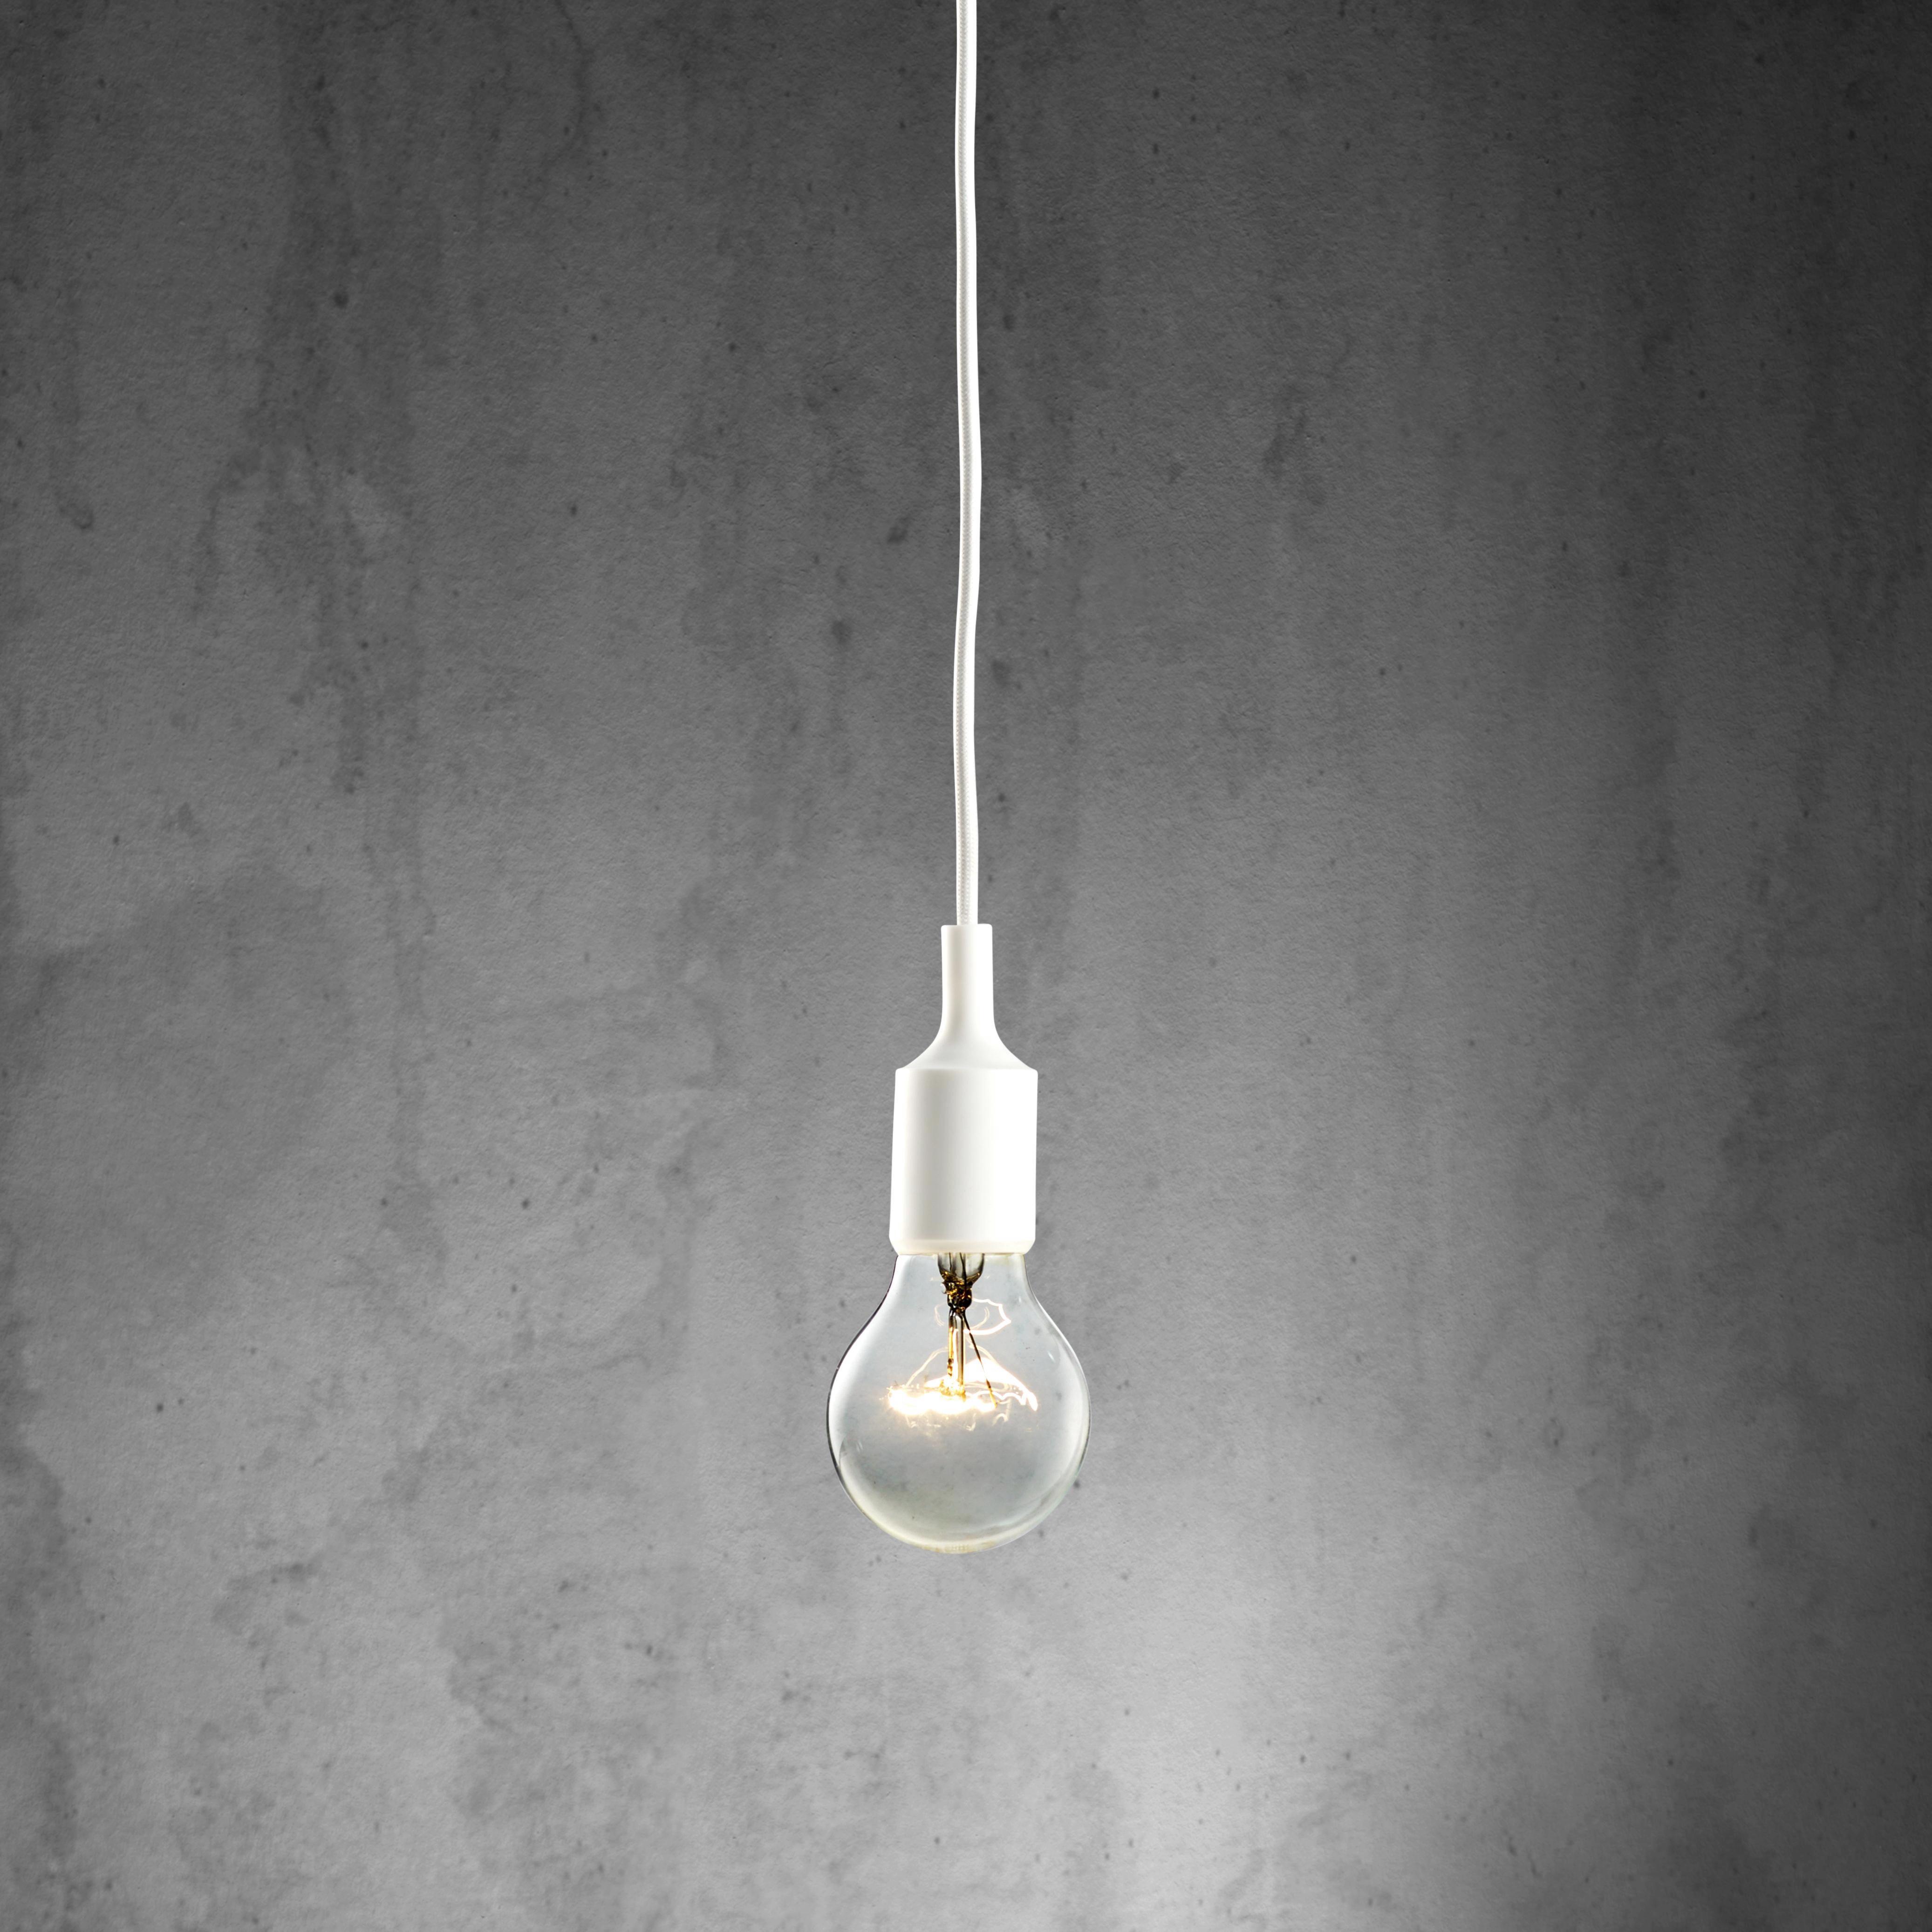 Hängeleuchte abby - Weiß, MODERN, Kunststoff (9/92cm) - MÖMAX modern living